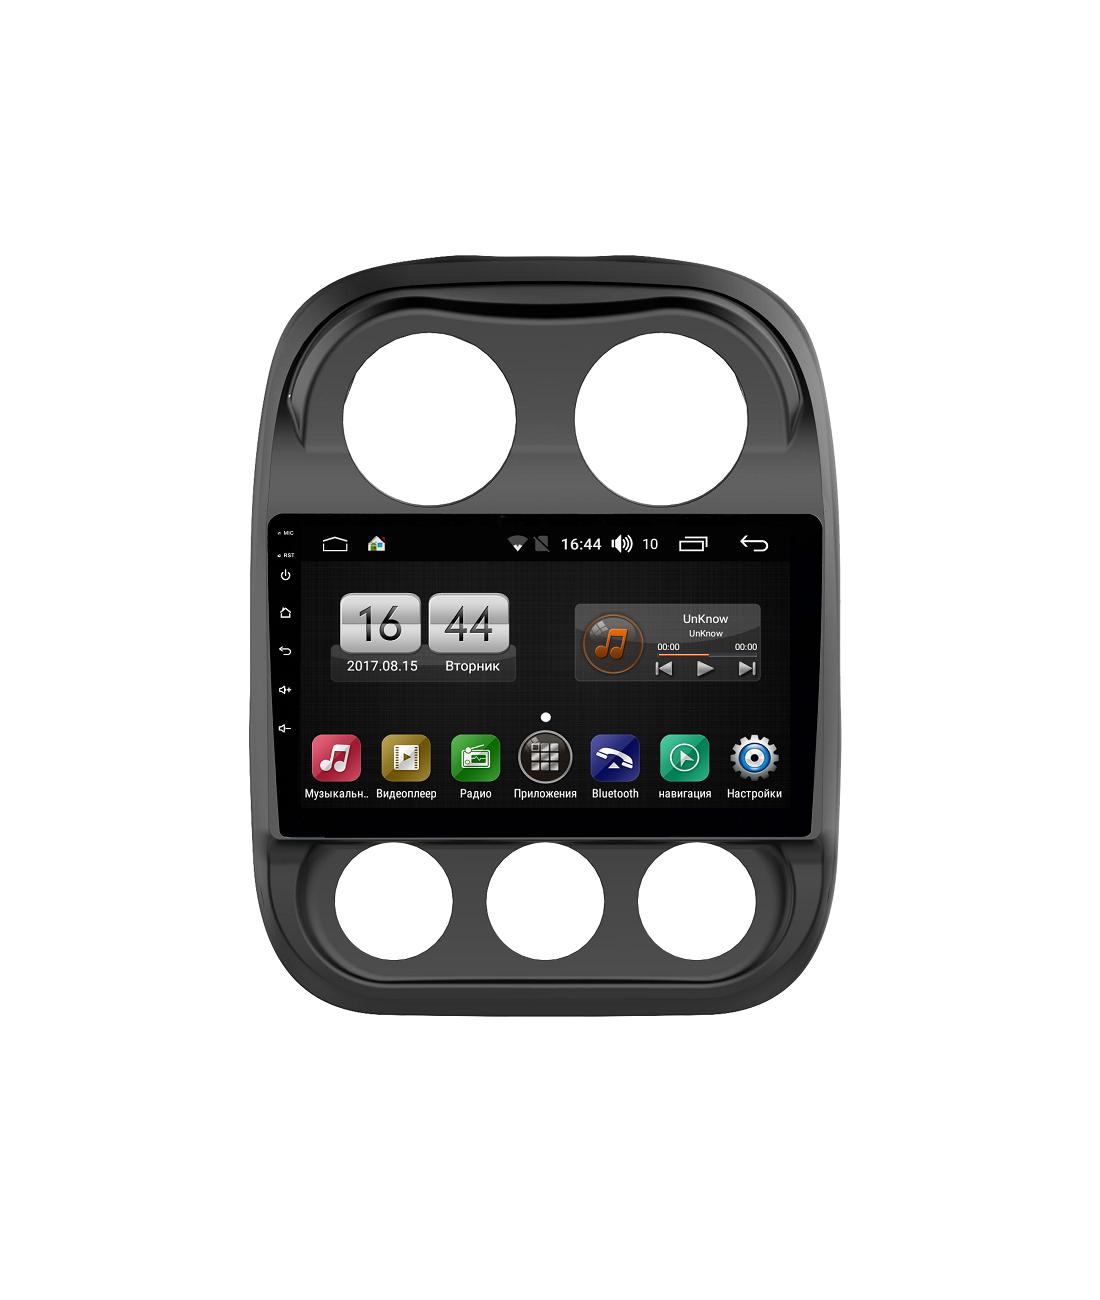 Штатная магнитола FarCar s185 для Jeep Compass на Android (LY1078R) (+ Камера заднего вида в подарок!)